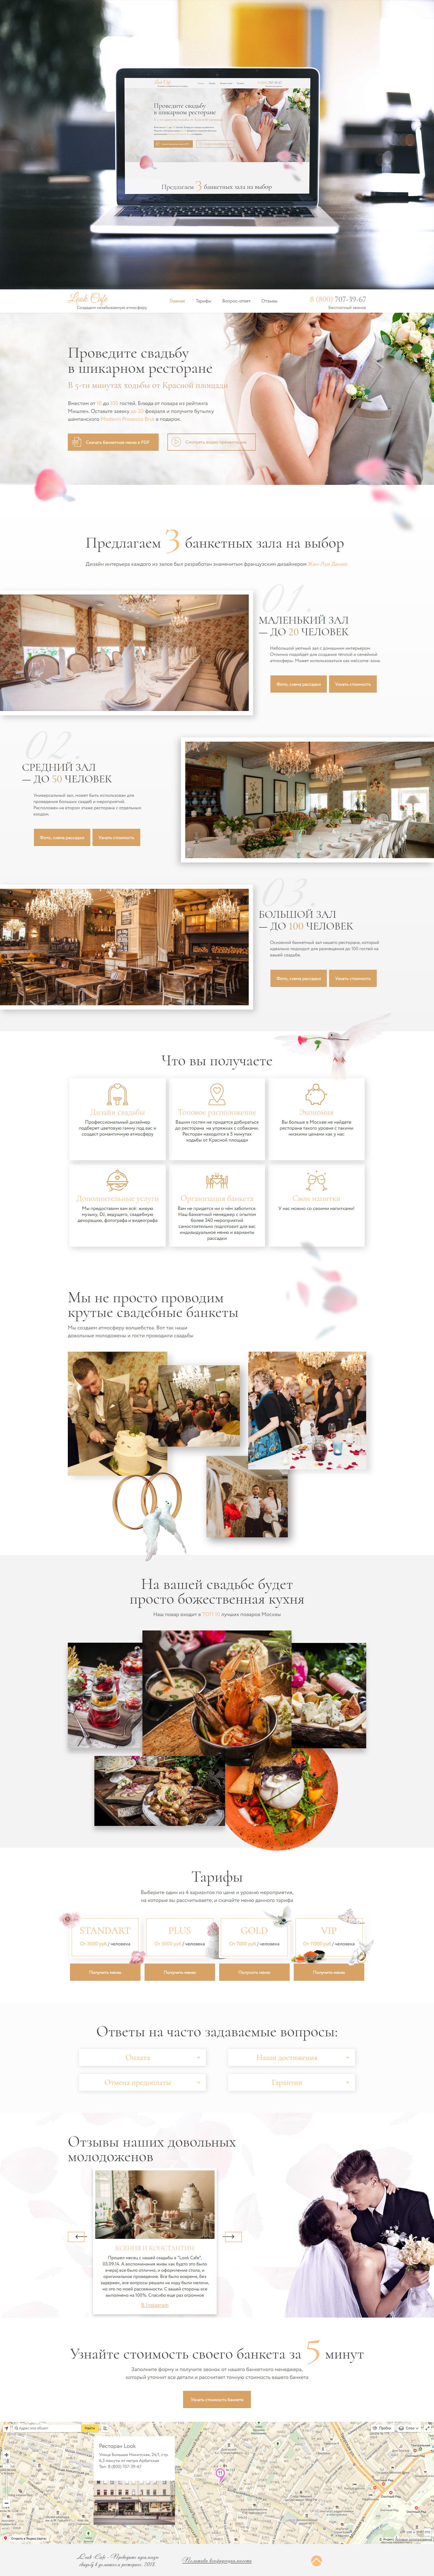 2018 год. Look Cafe landing page + Адаптивность (Планшет, телефон, широкоформатный монитор)